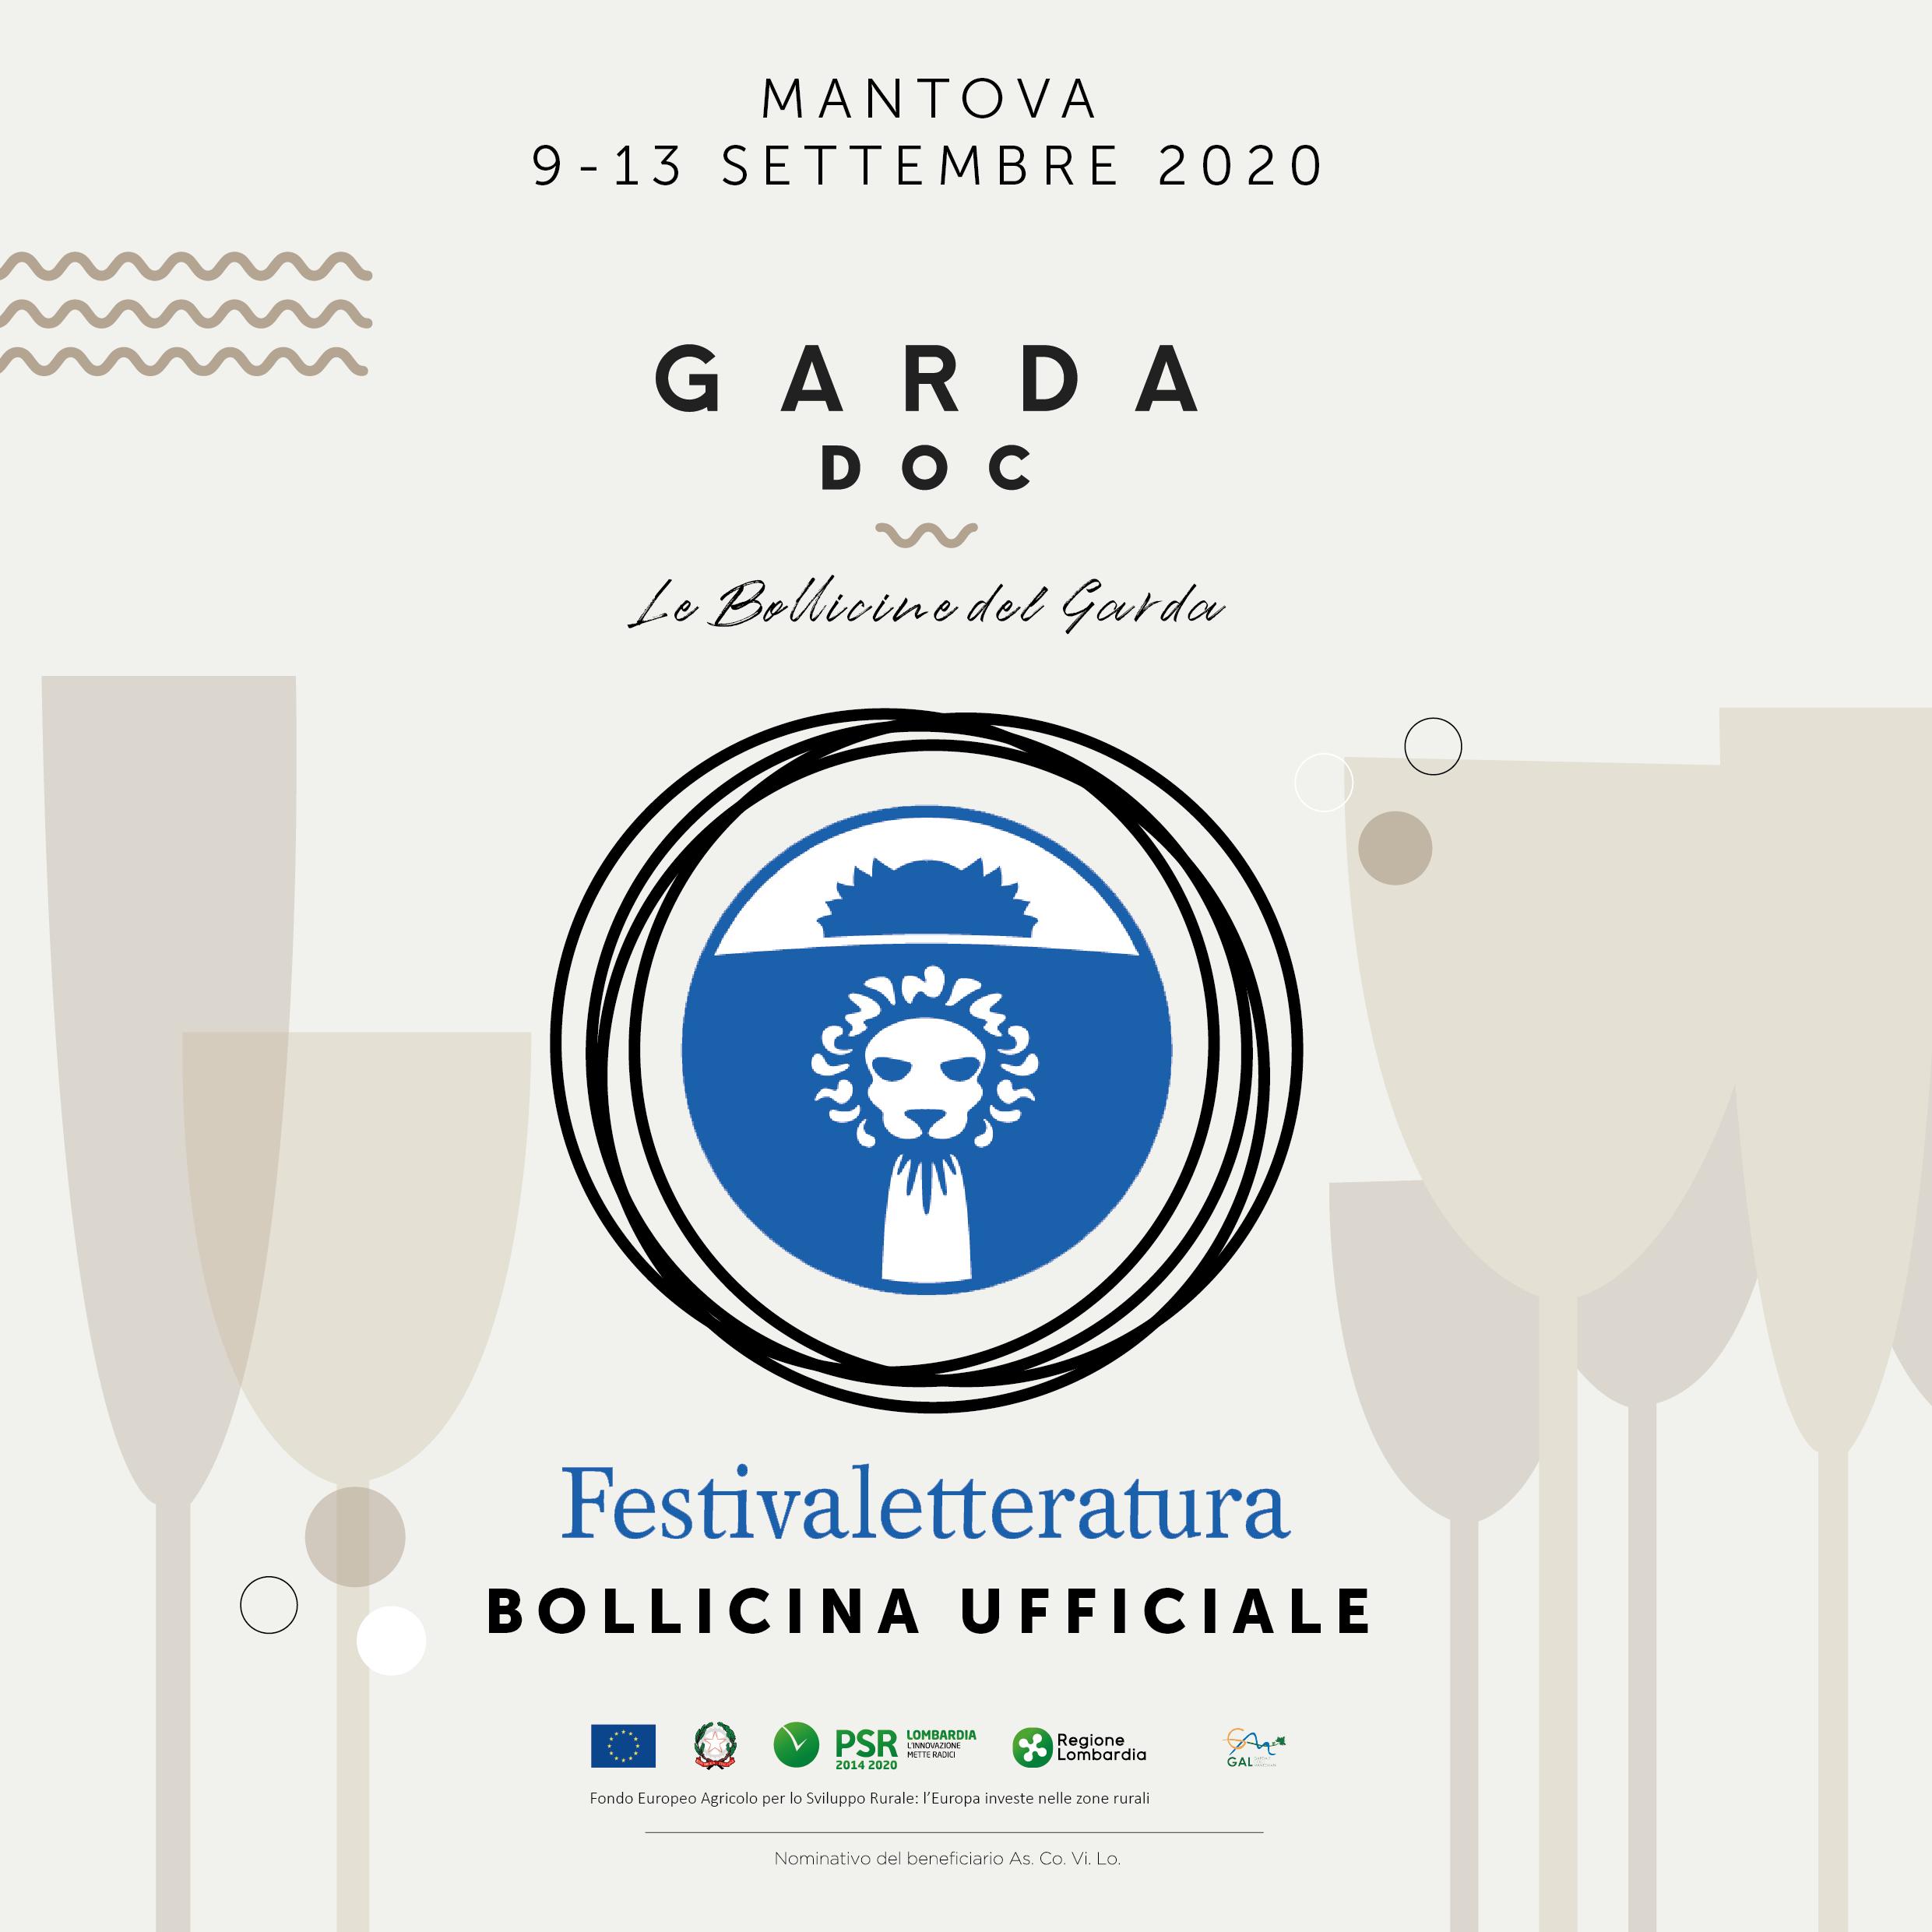 Mantova 9-13 settembre 2020 festival della letteratura e Garda doc